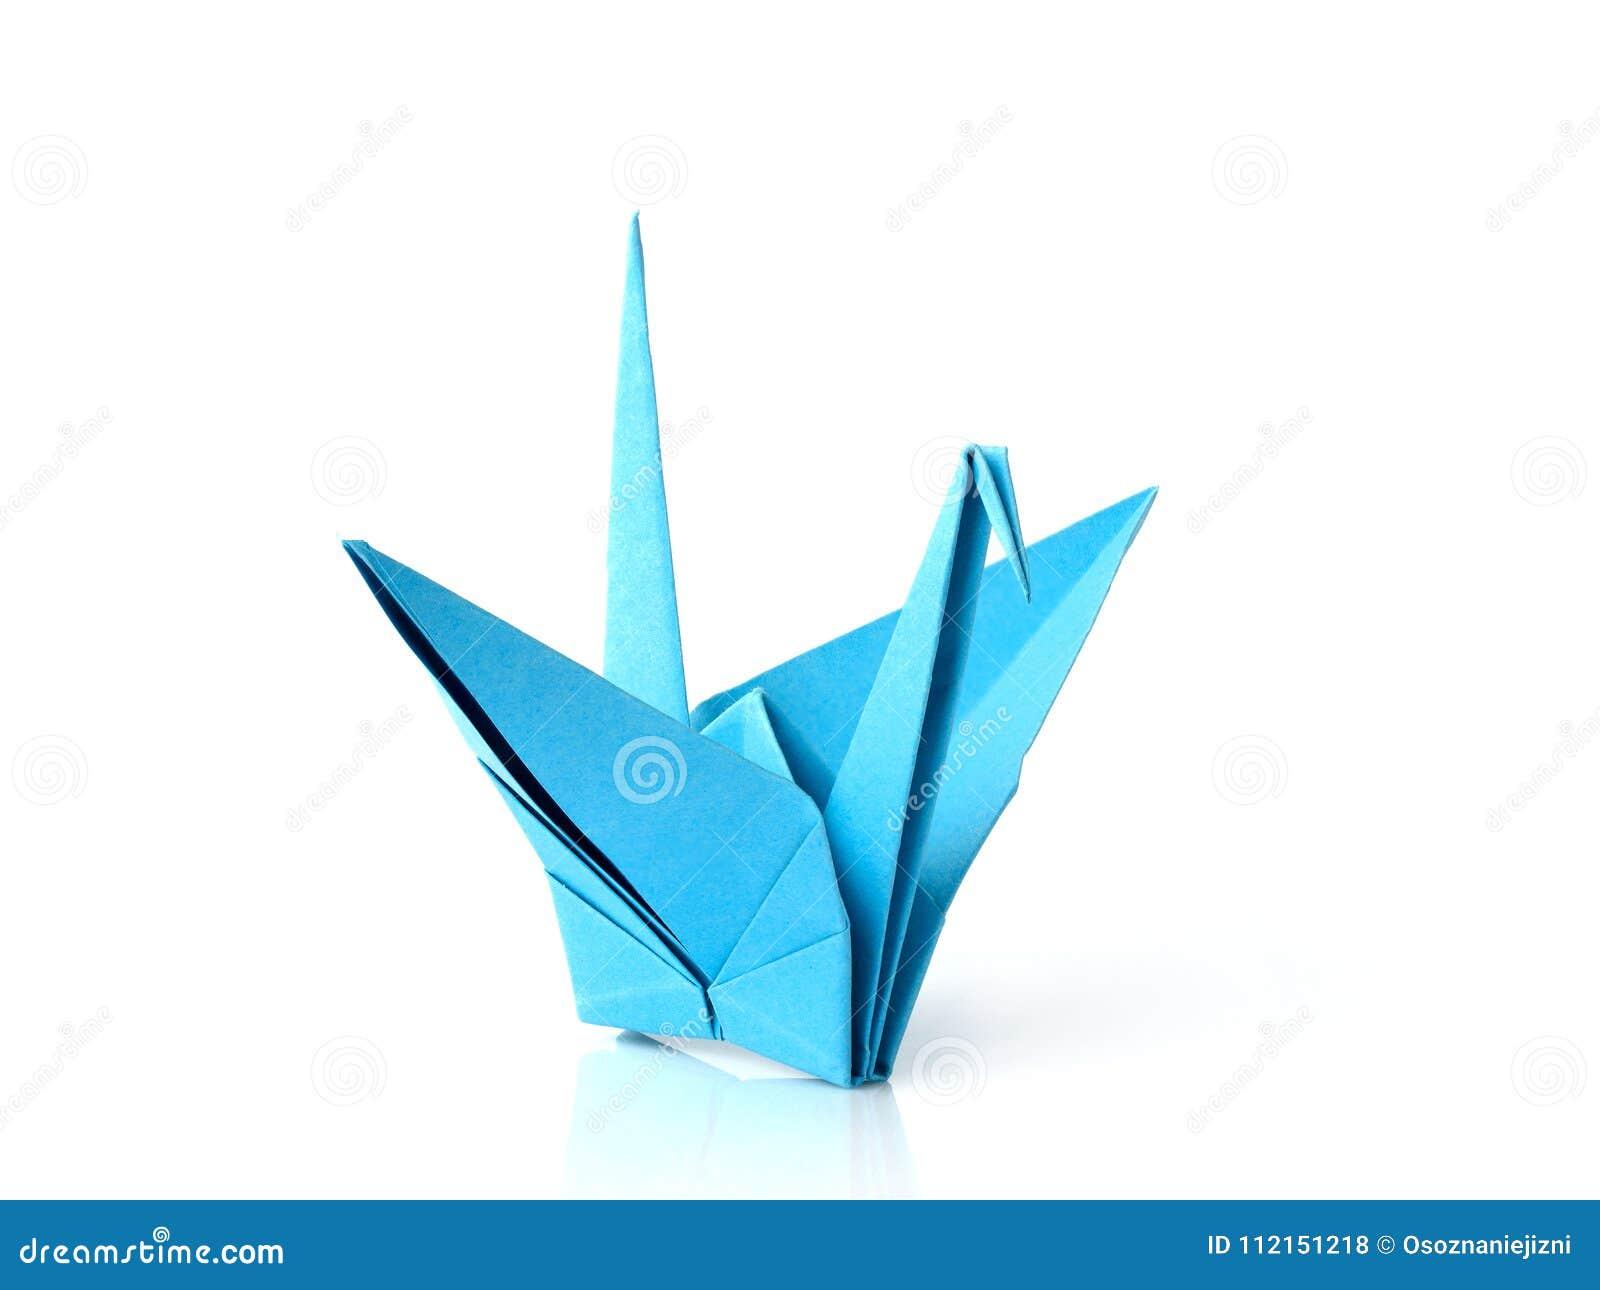 Orange Origami Crane Stock Vektor Art und mehr Bilder von Abstrakt ... | 1065x1300